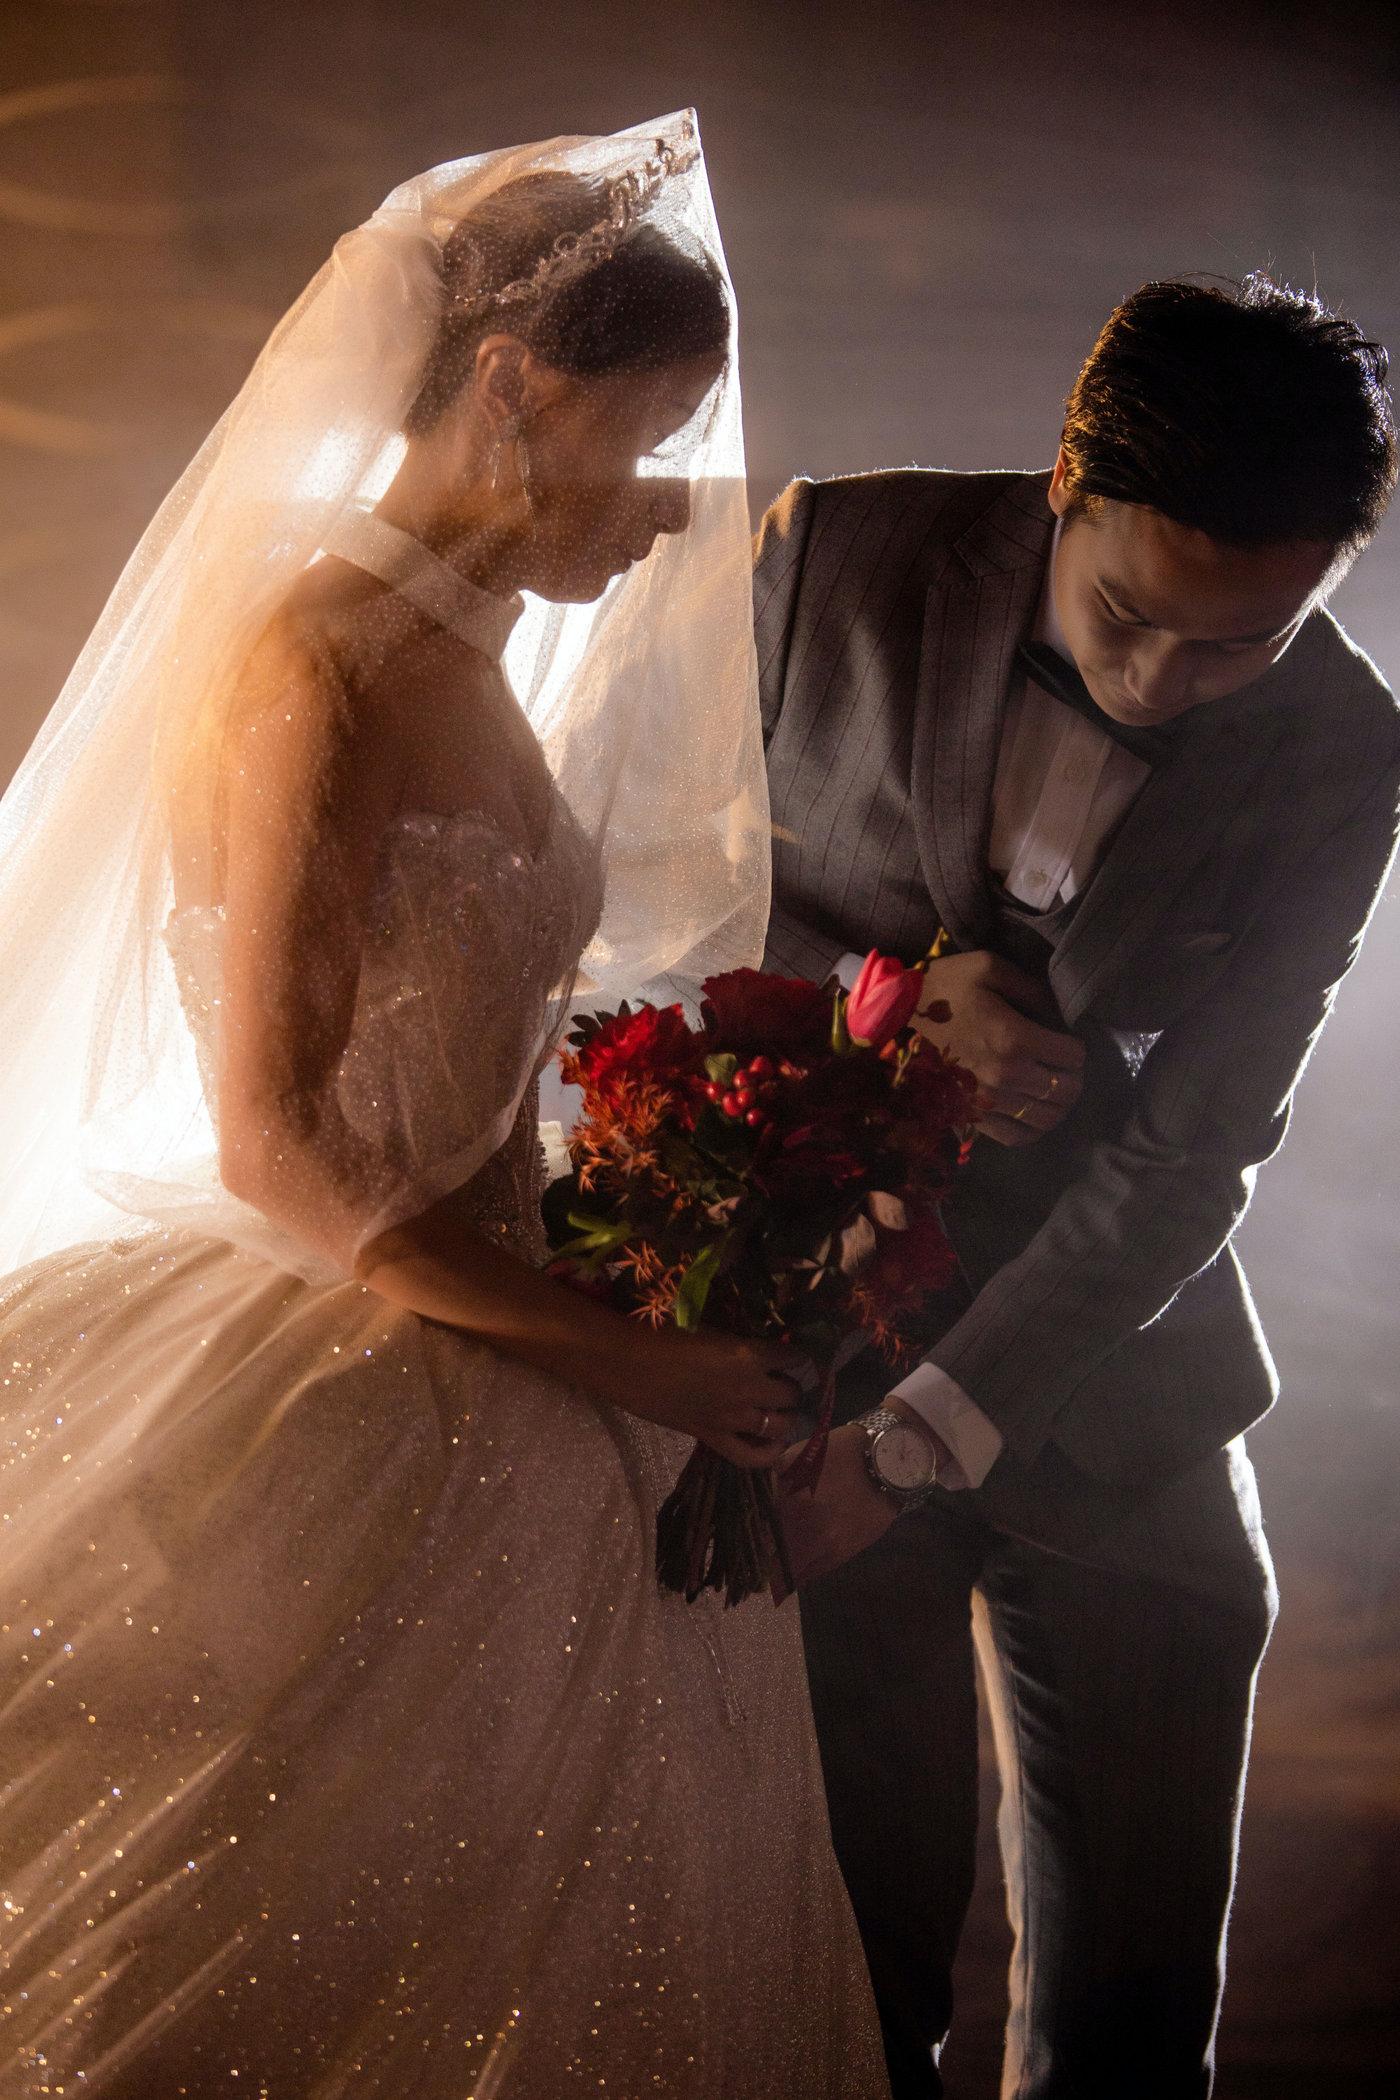 婚礼-嗑食星粒/摘新月牙剔17